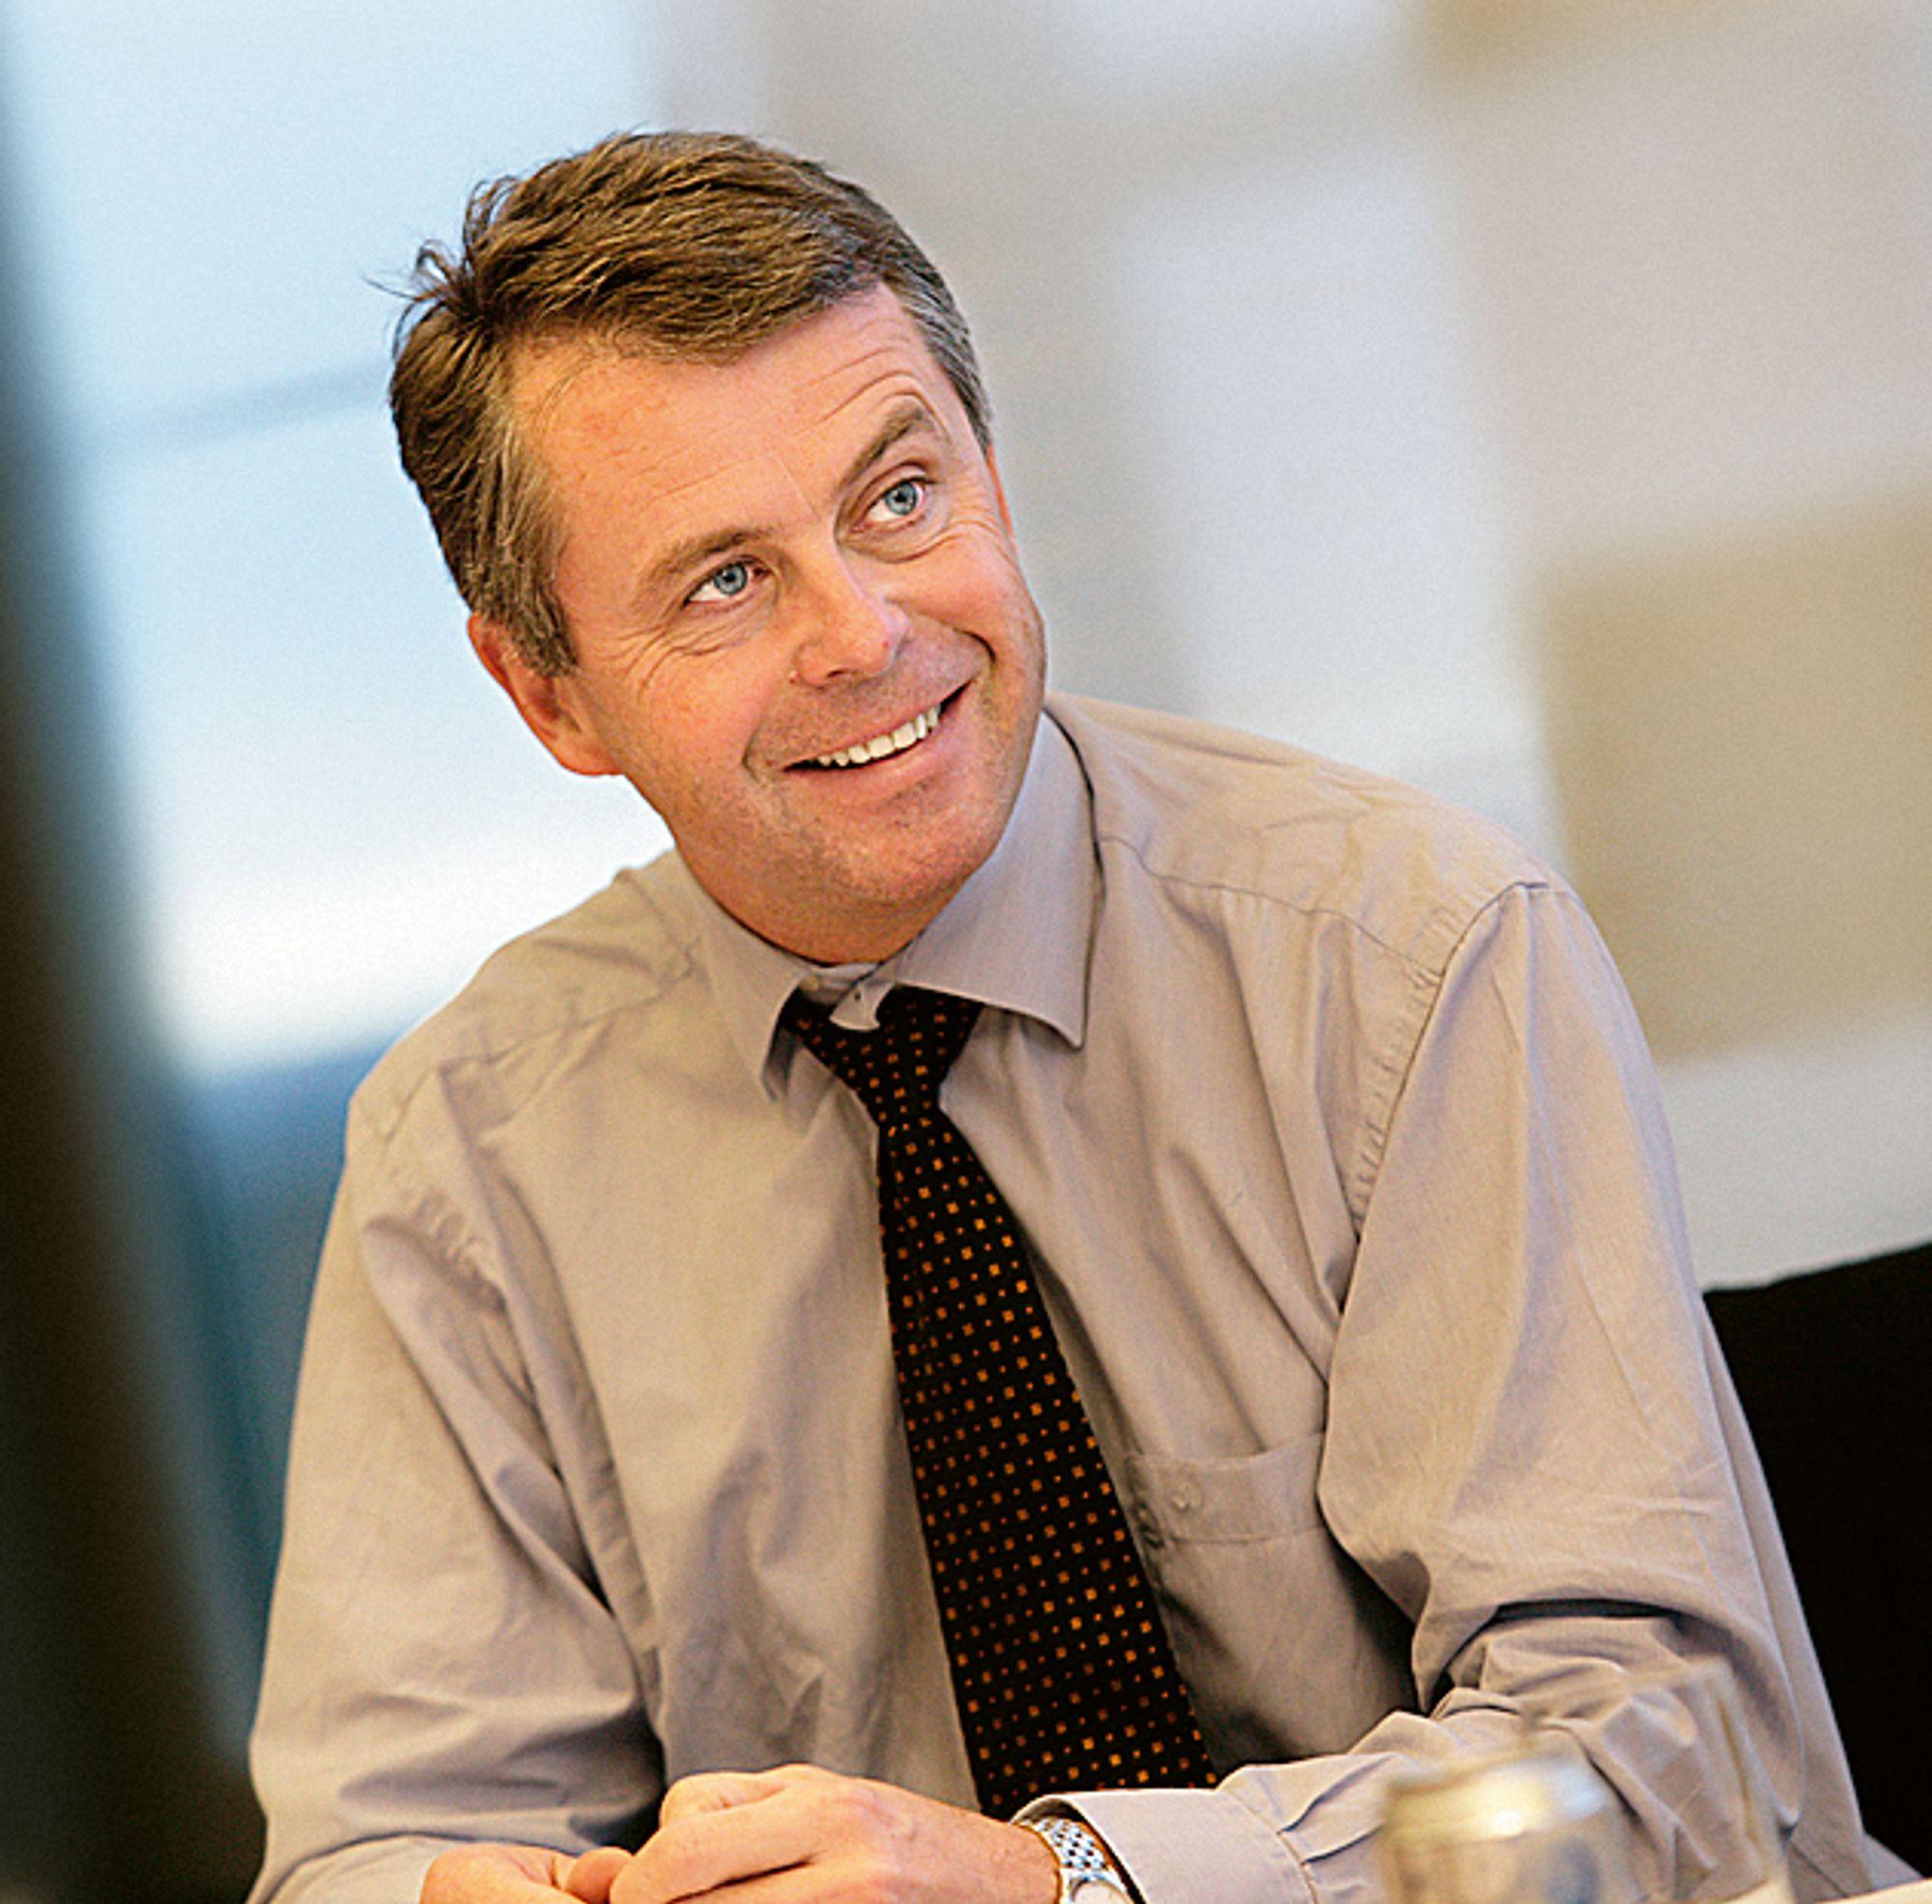 RINGEN SLUTTET: Petter Eiken vil ikke lenger pendle til Stockholm, og overtar på nytt ledelsen av Skanska Norge.